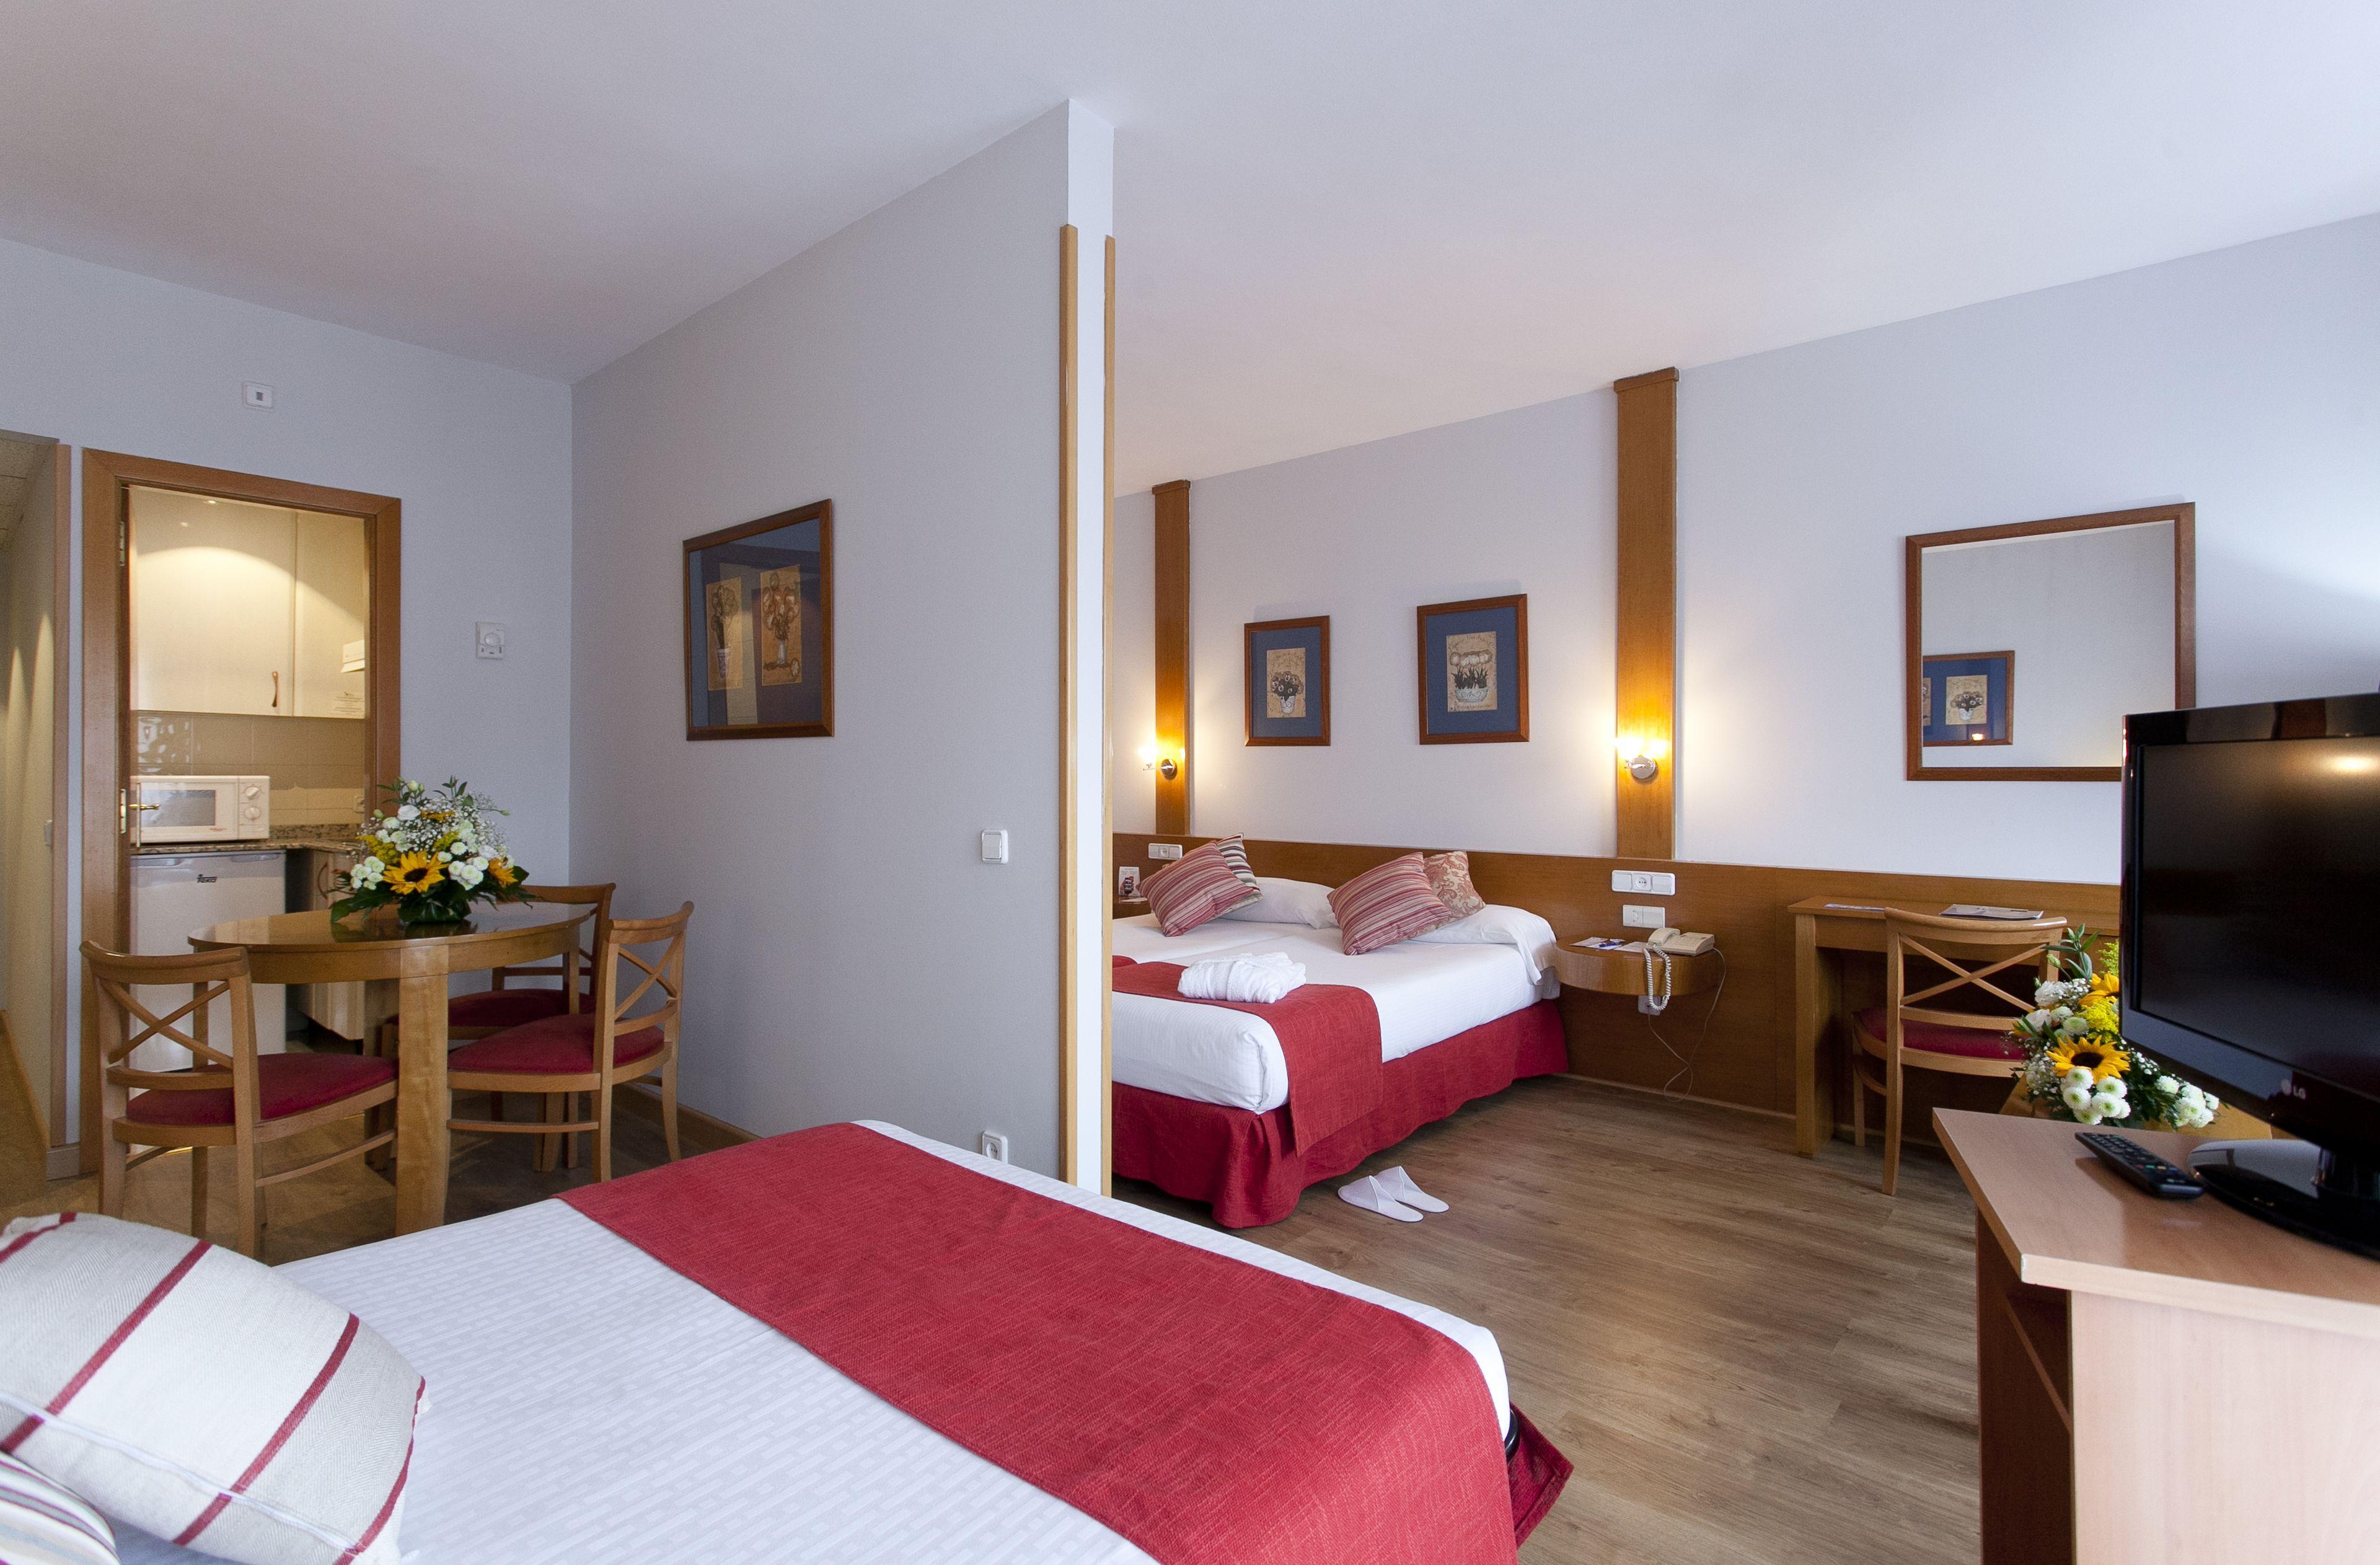 Aparto-suites Muralto